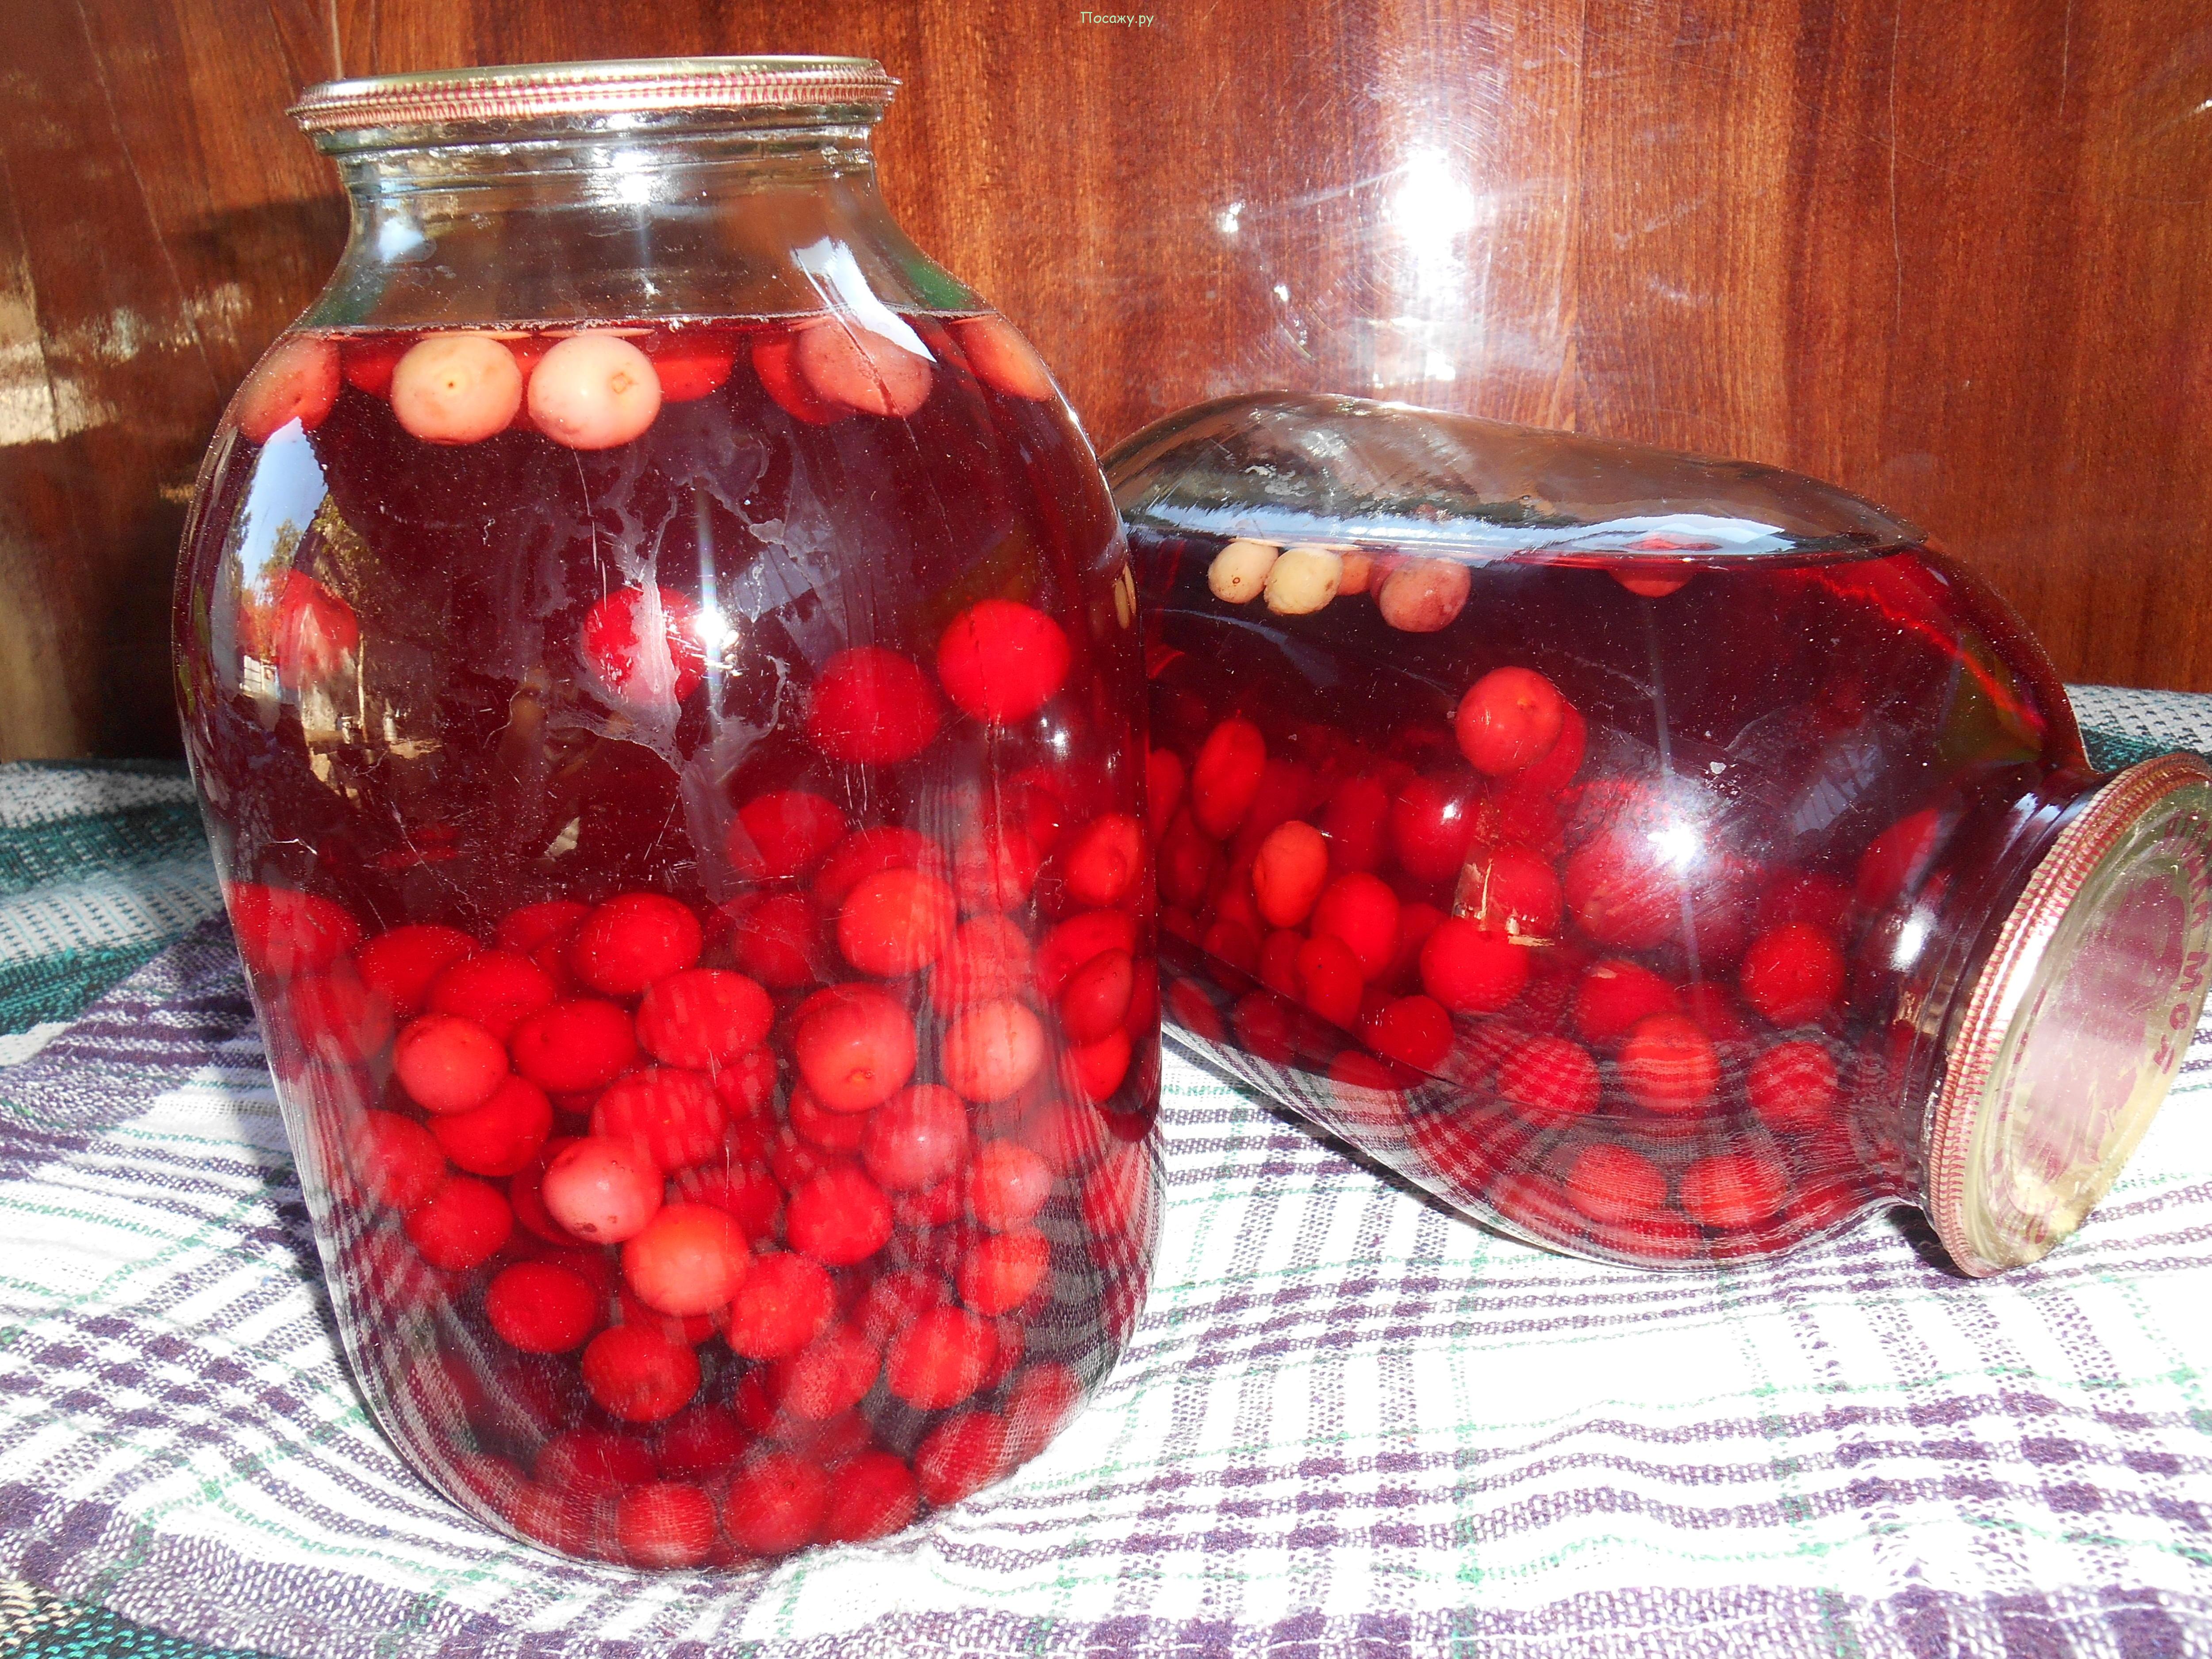 компот из вишни на зиму на 3 литровую банку пошаговый рецепт с фото